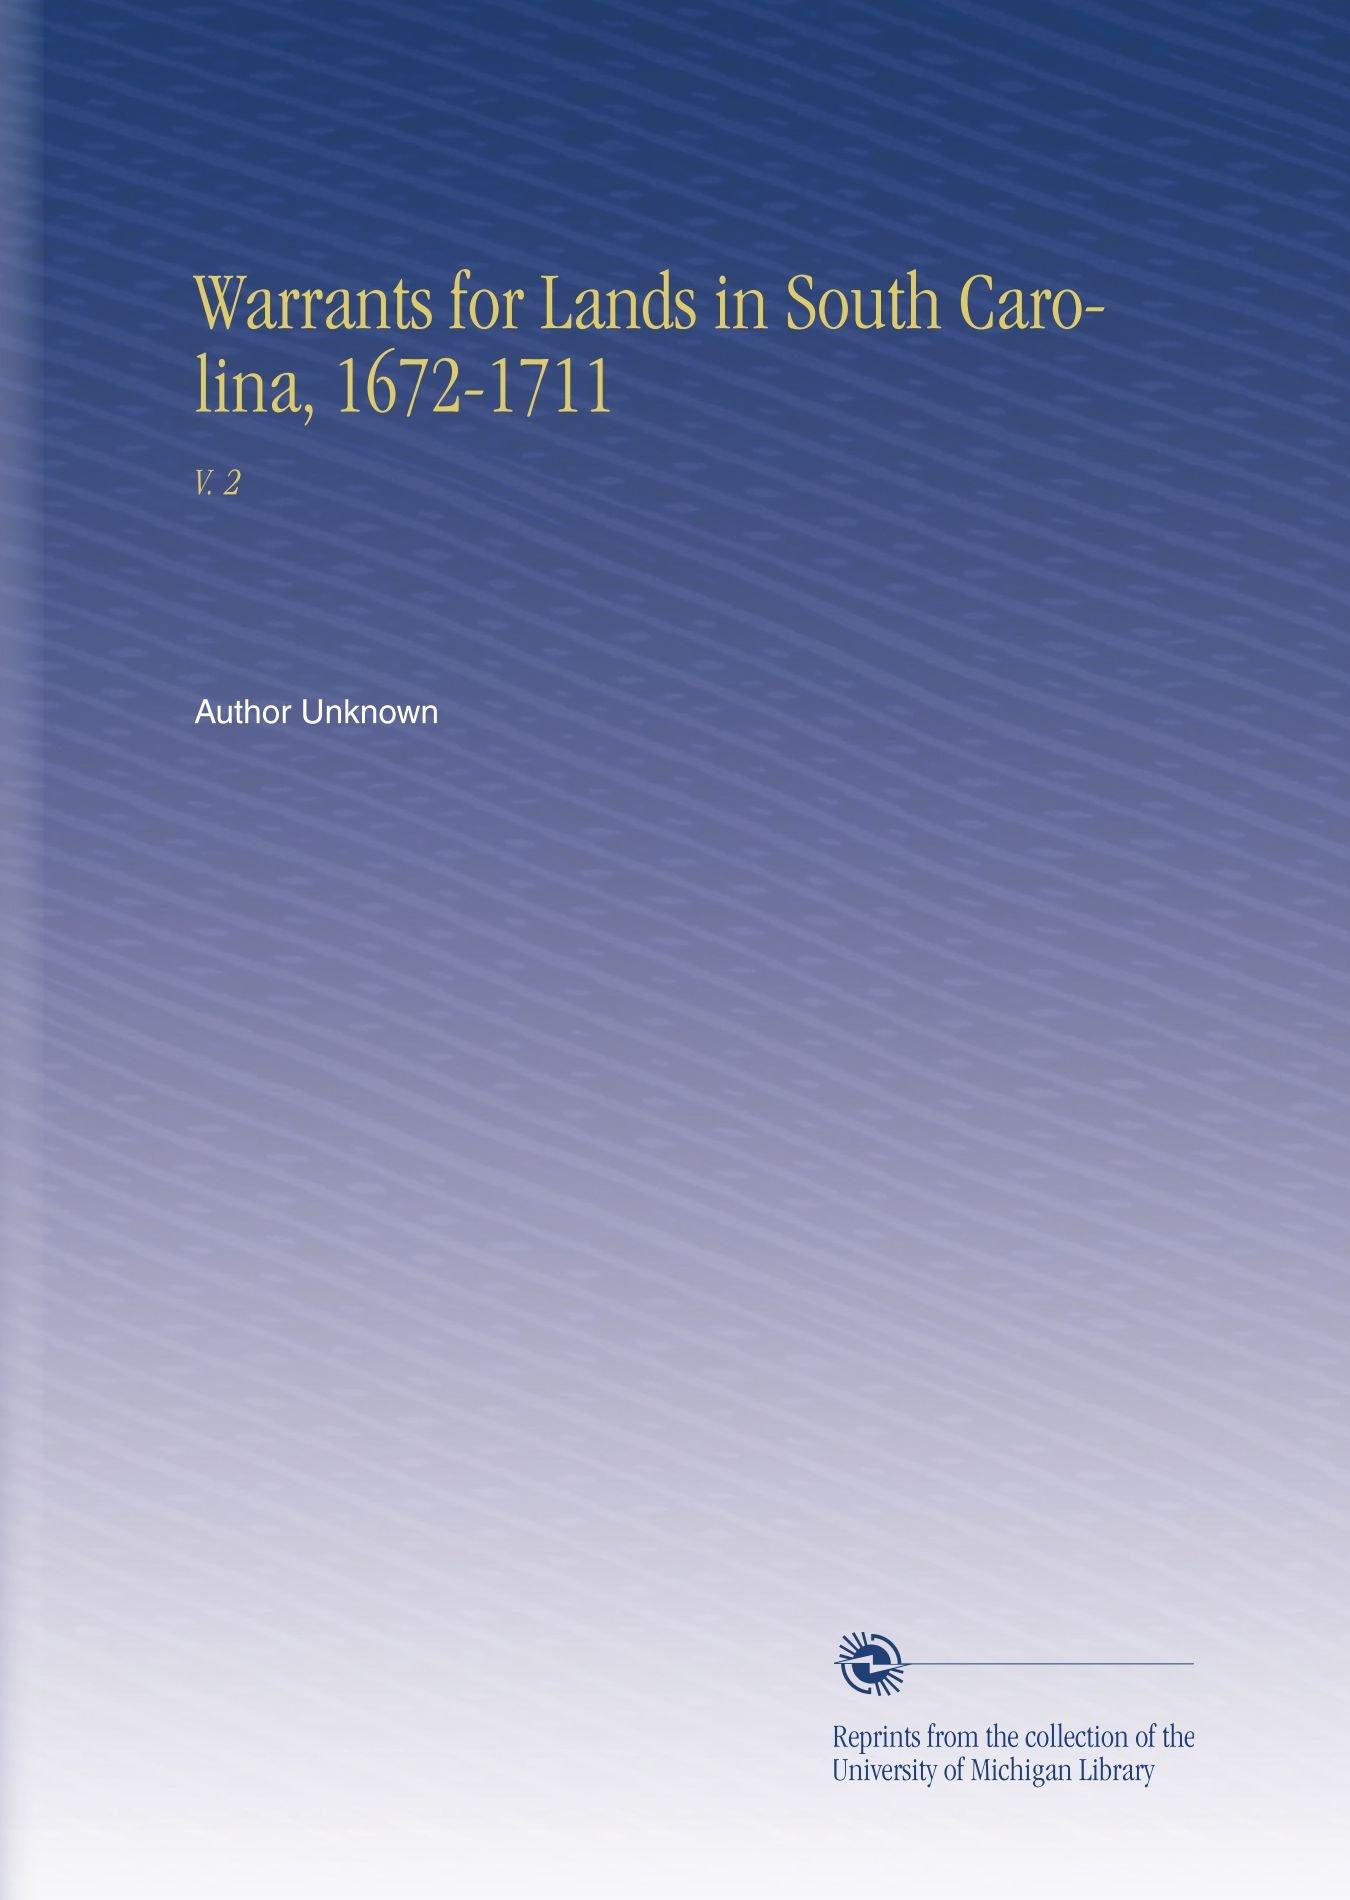 Read Online Warrants for Lands in South Carolina, 1672-1711: V. 2 ebook